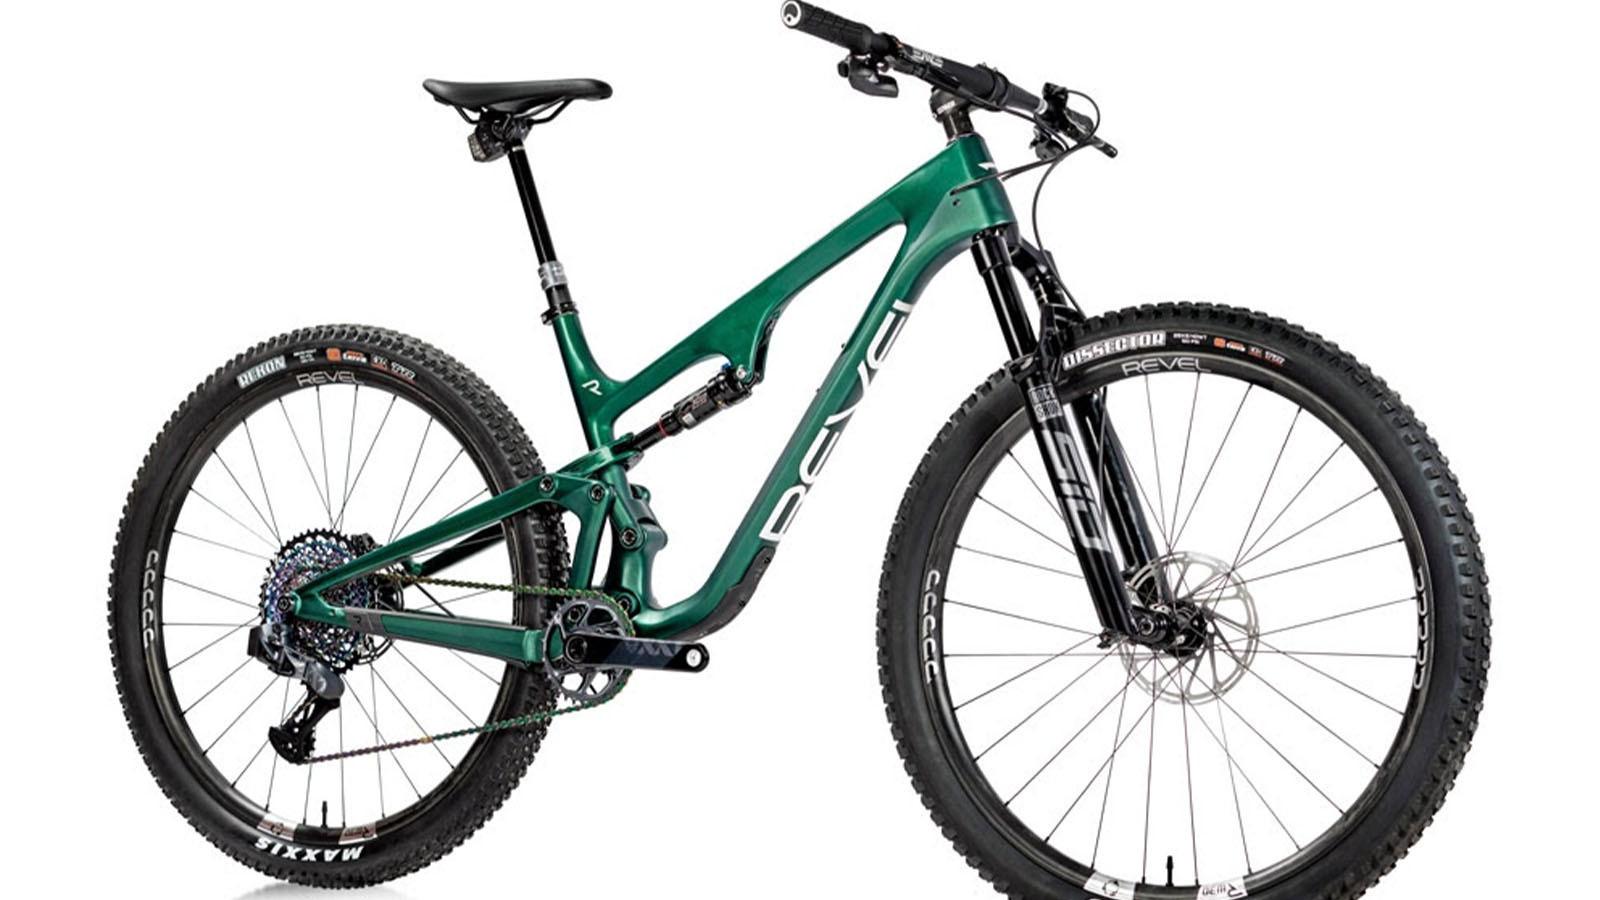 Meet the Ranger, Revel Bikes' New Cross Country Rig